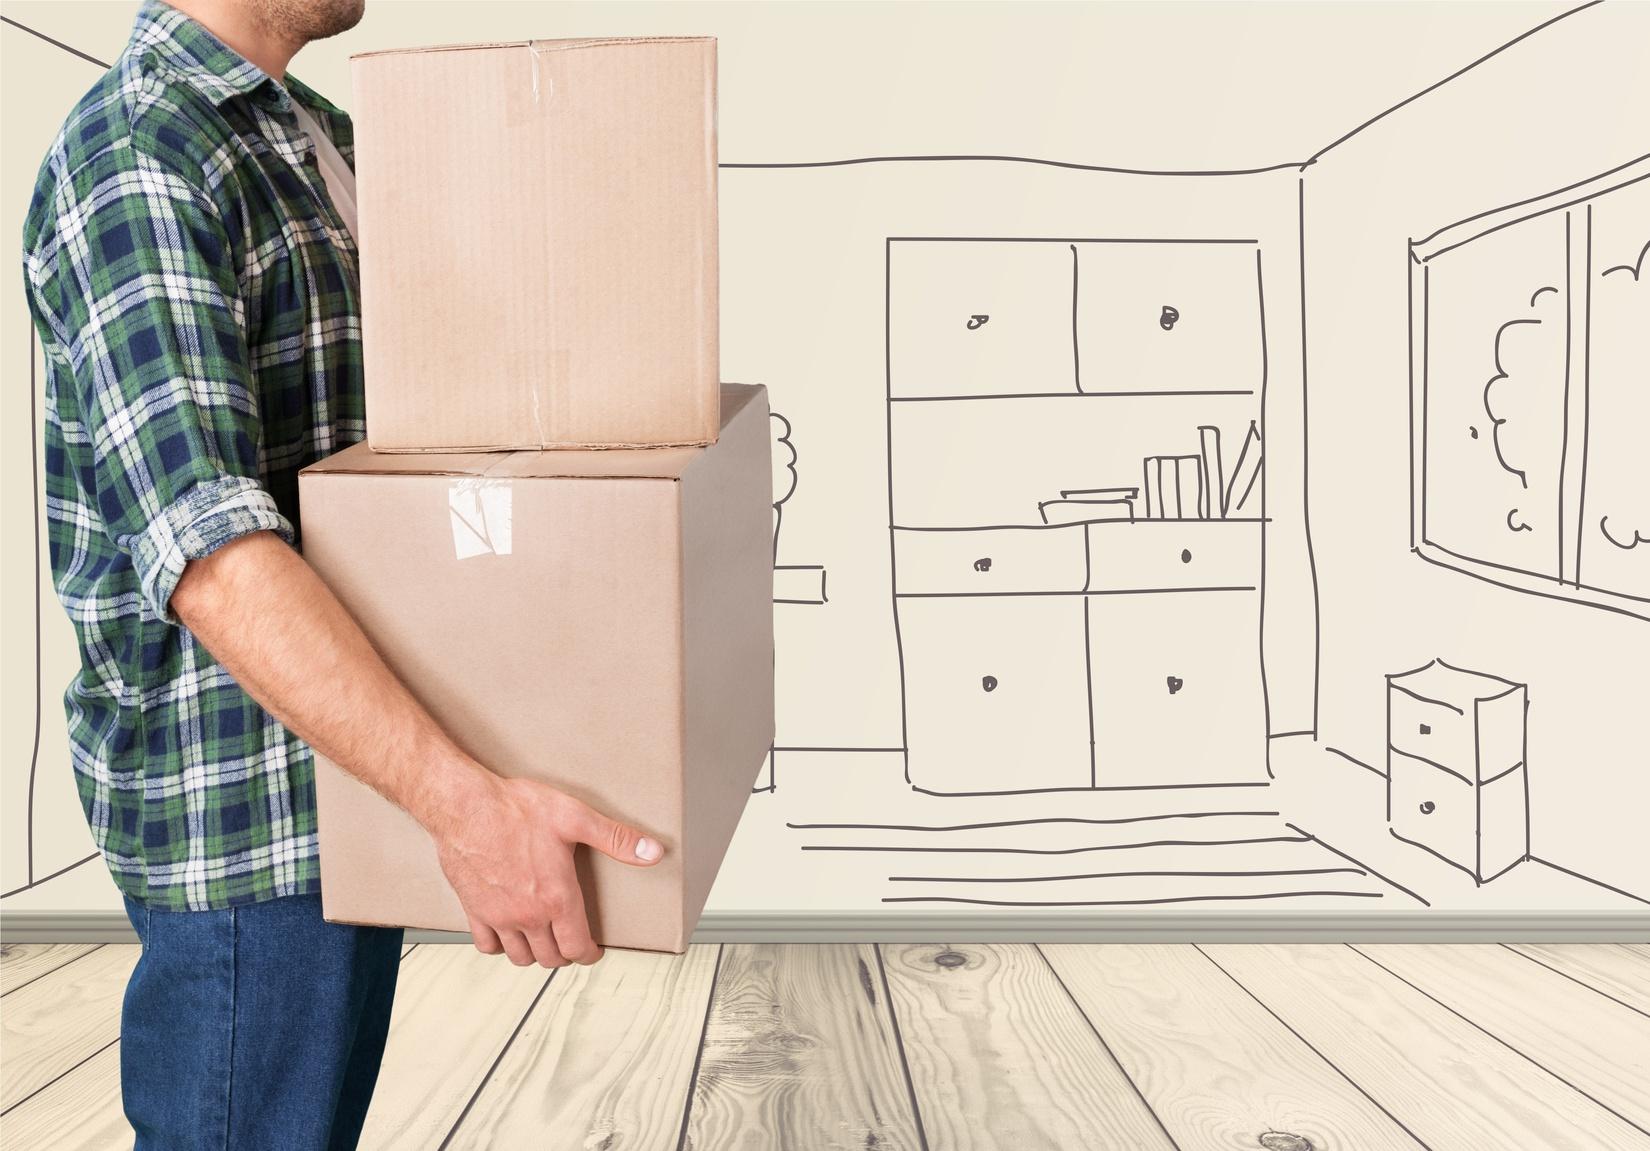 Conseils, astuces et démarches pour déménager